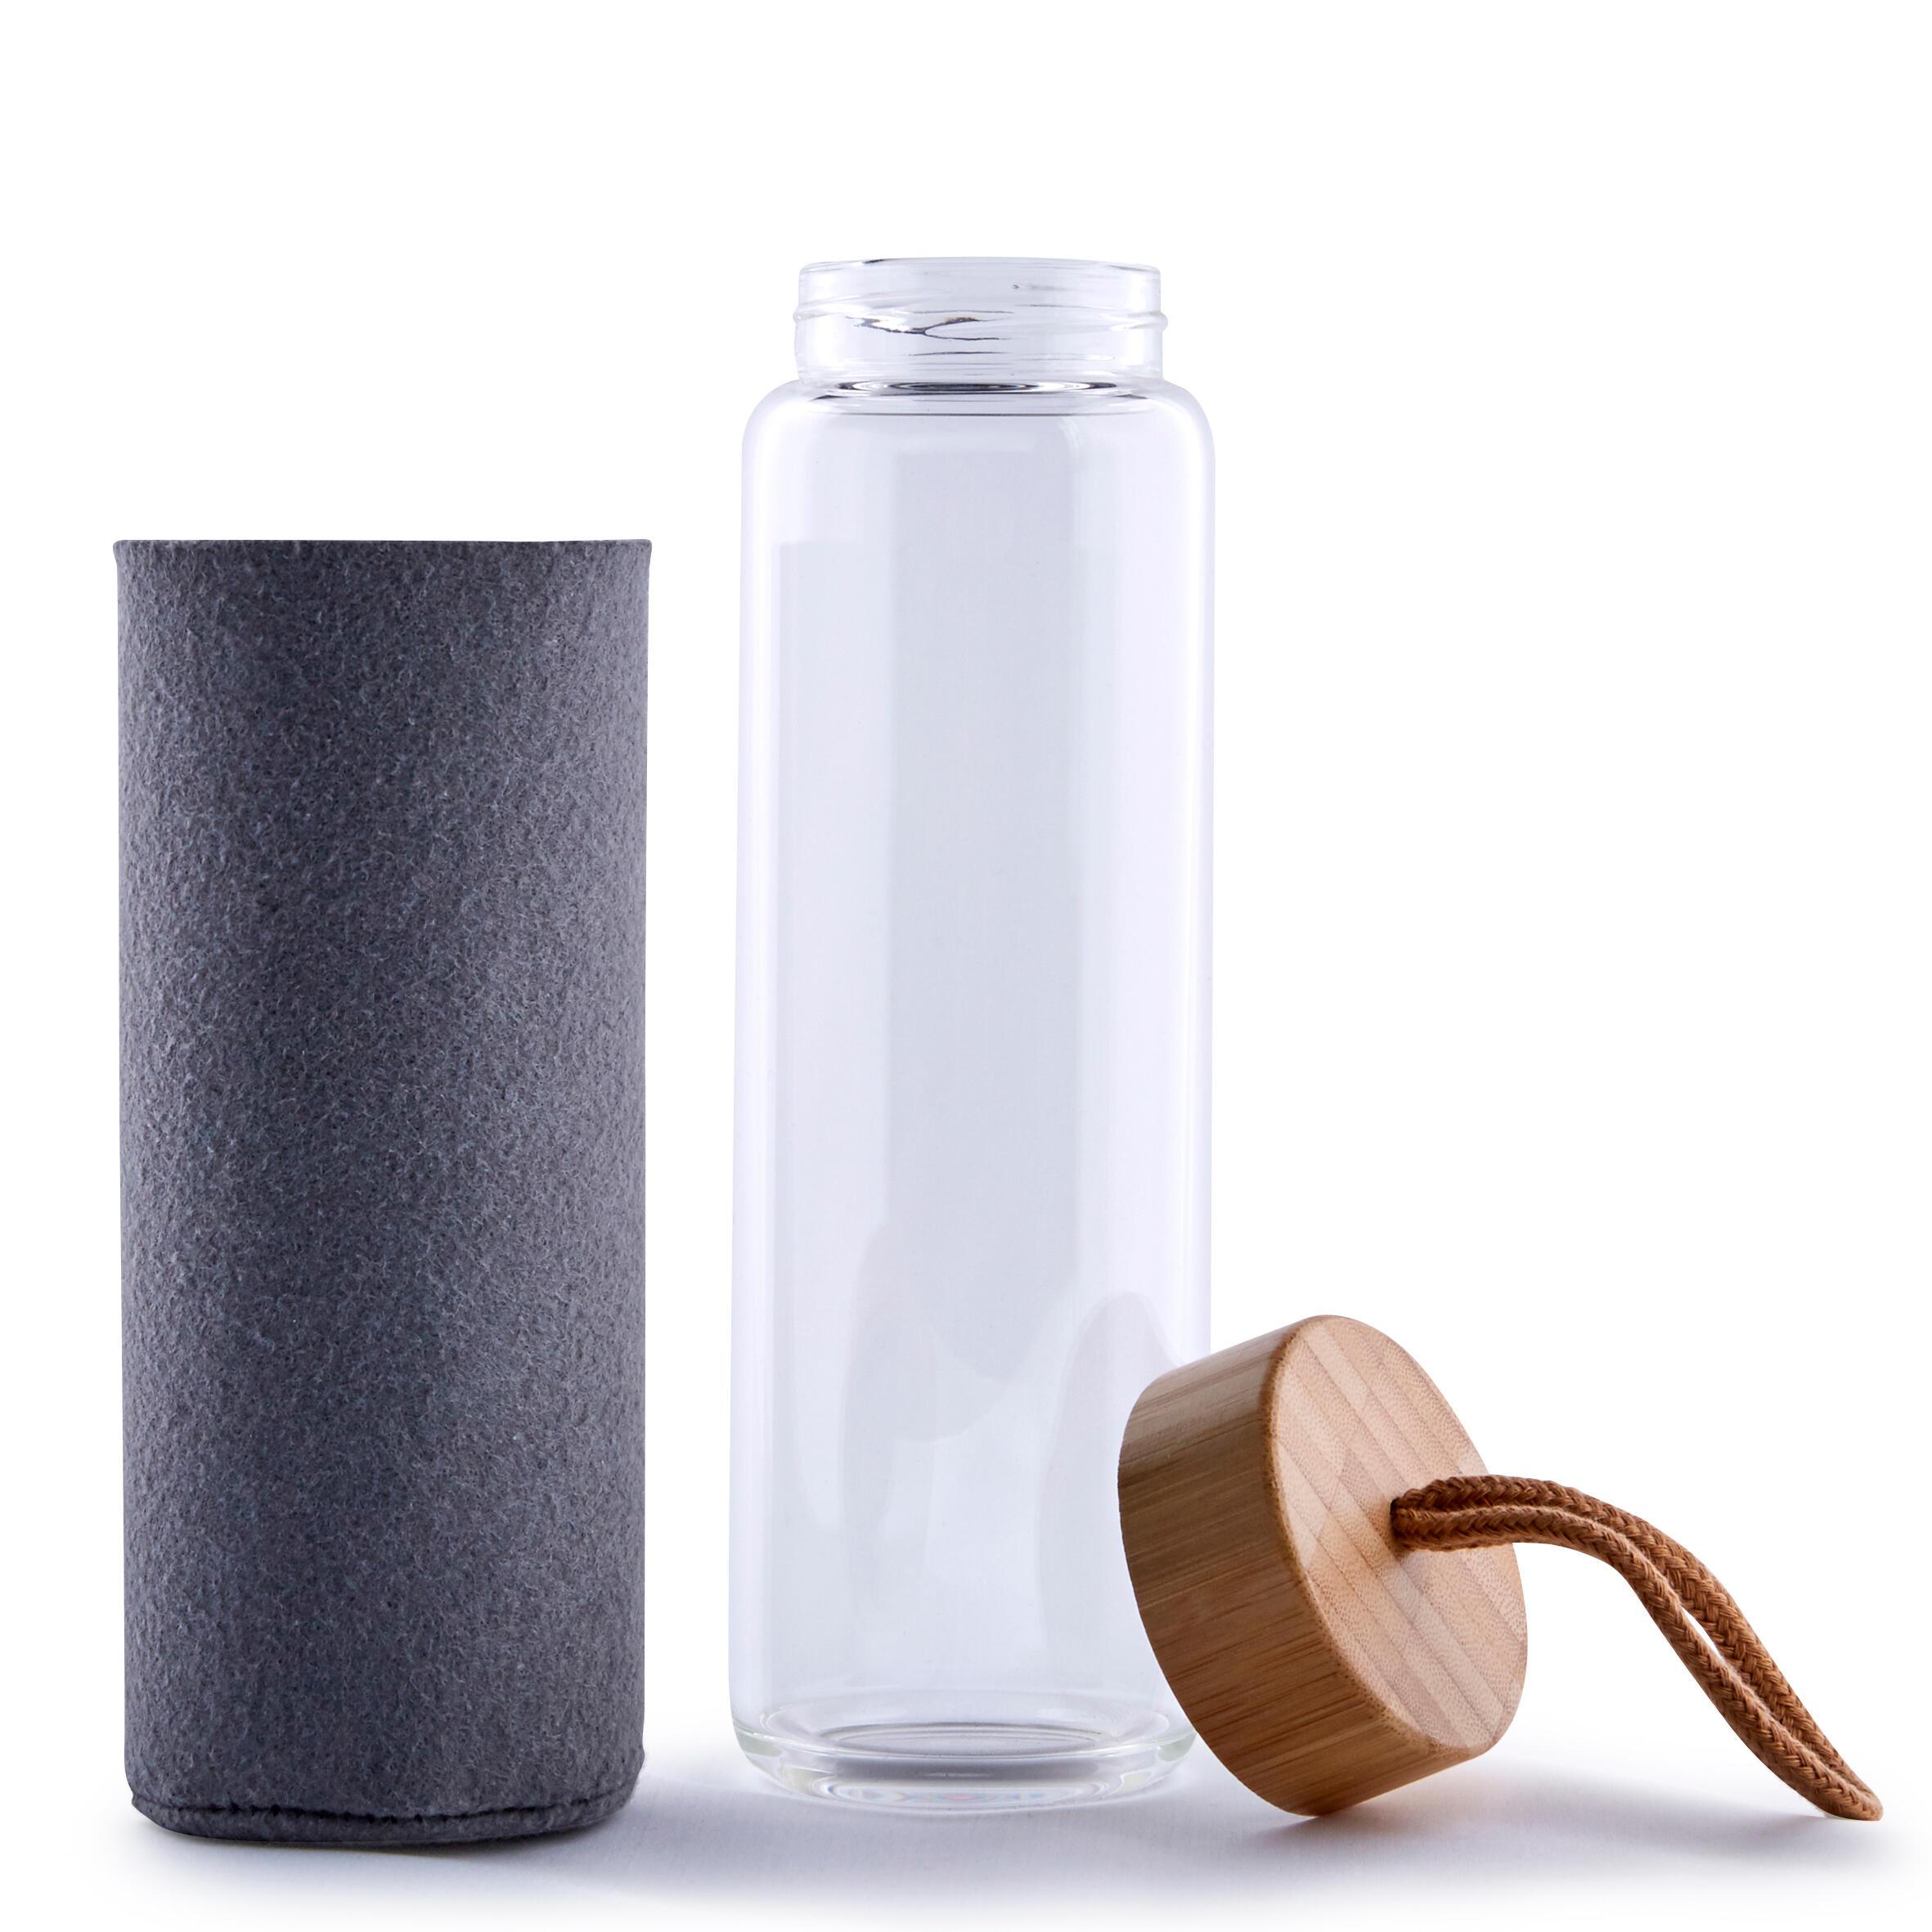 Pahar din sticlă pentru yoga la Reducere poza